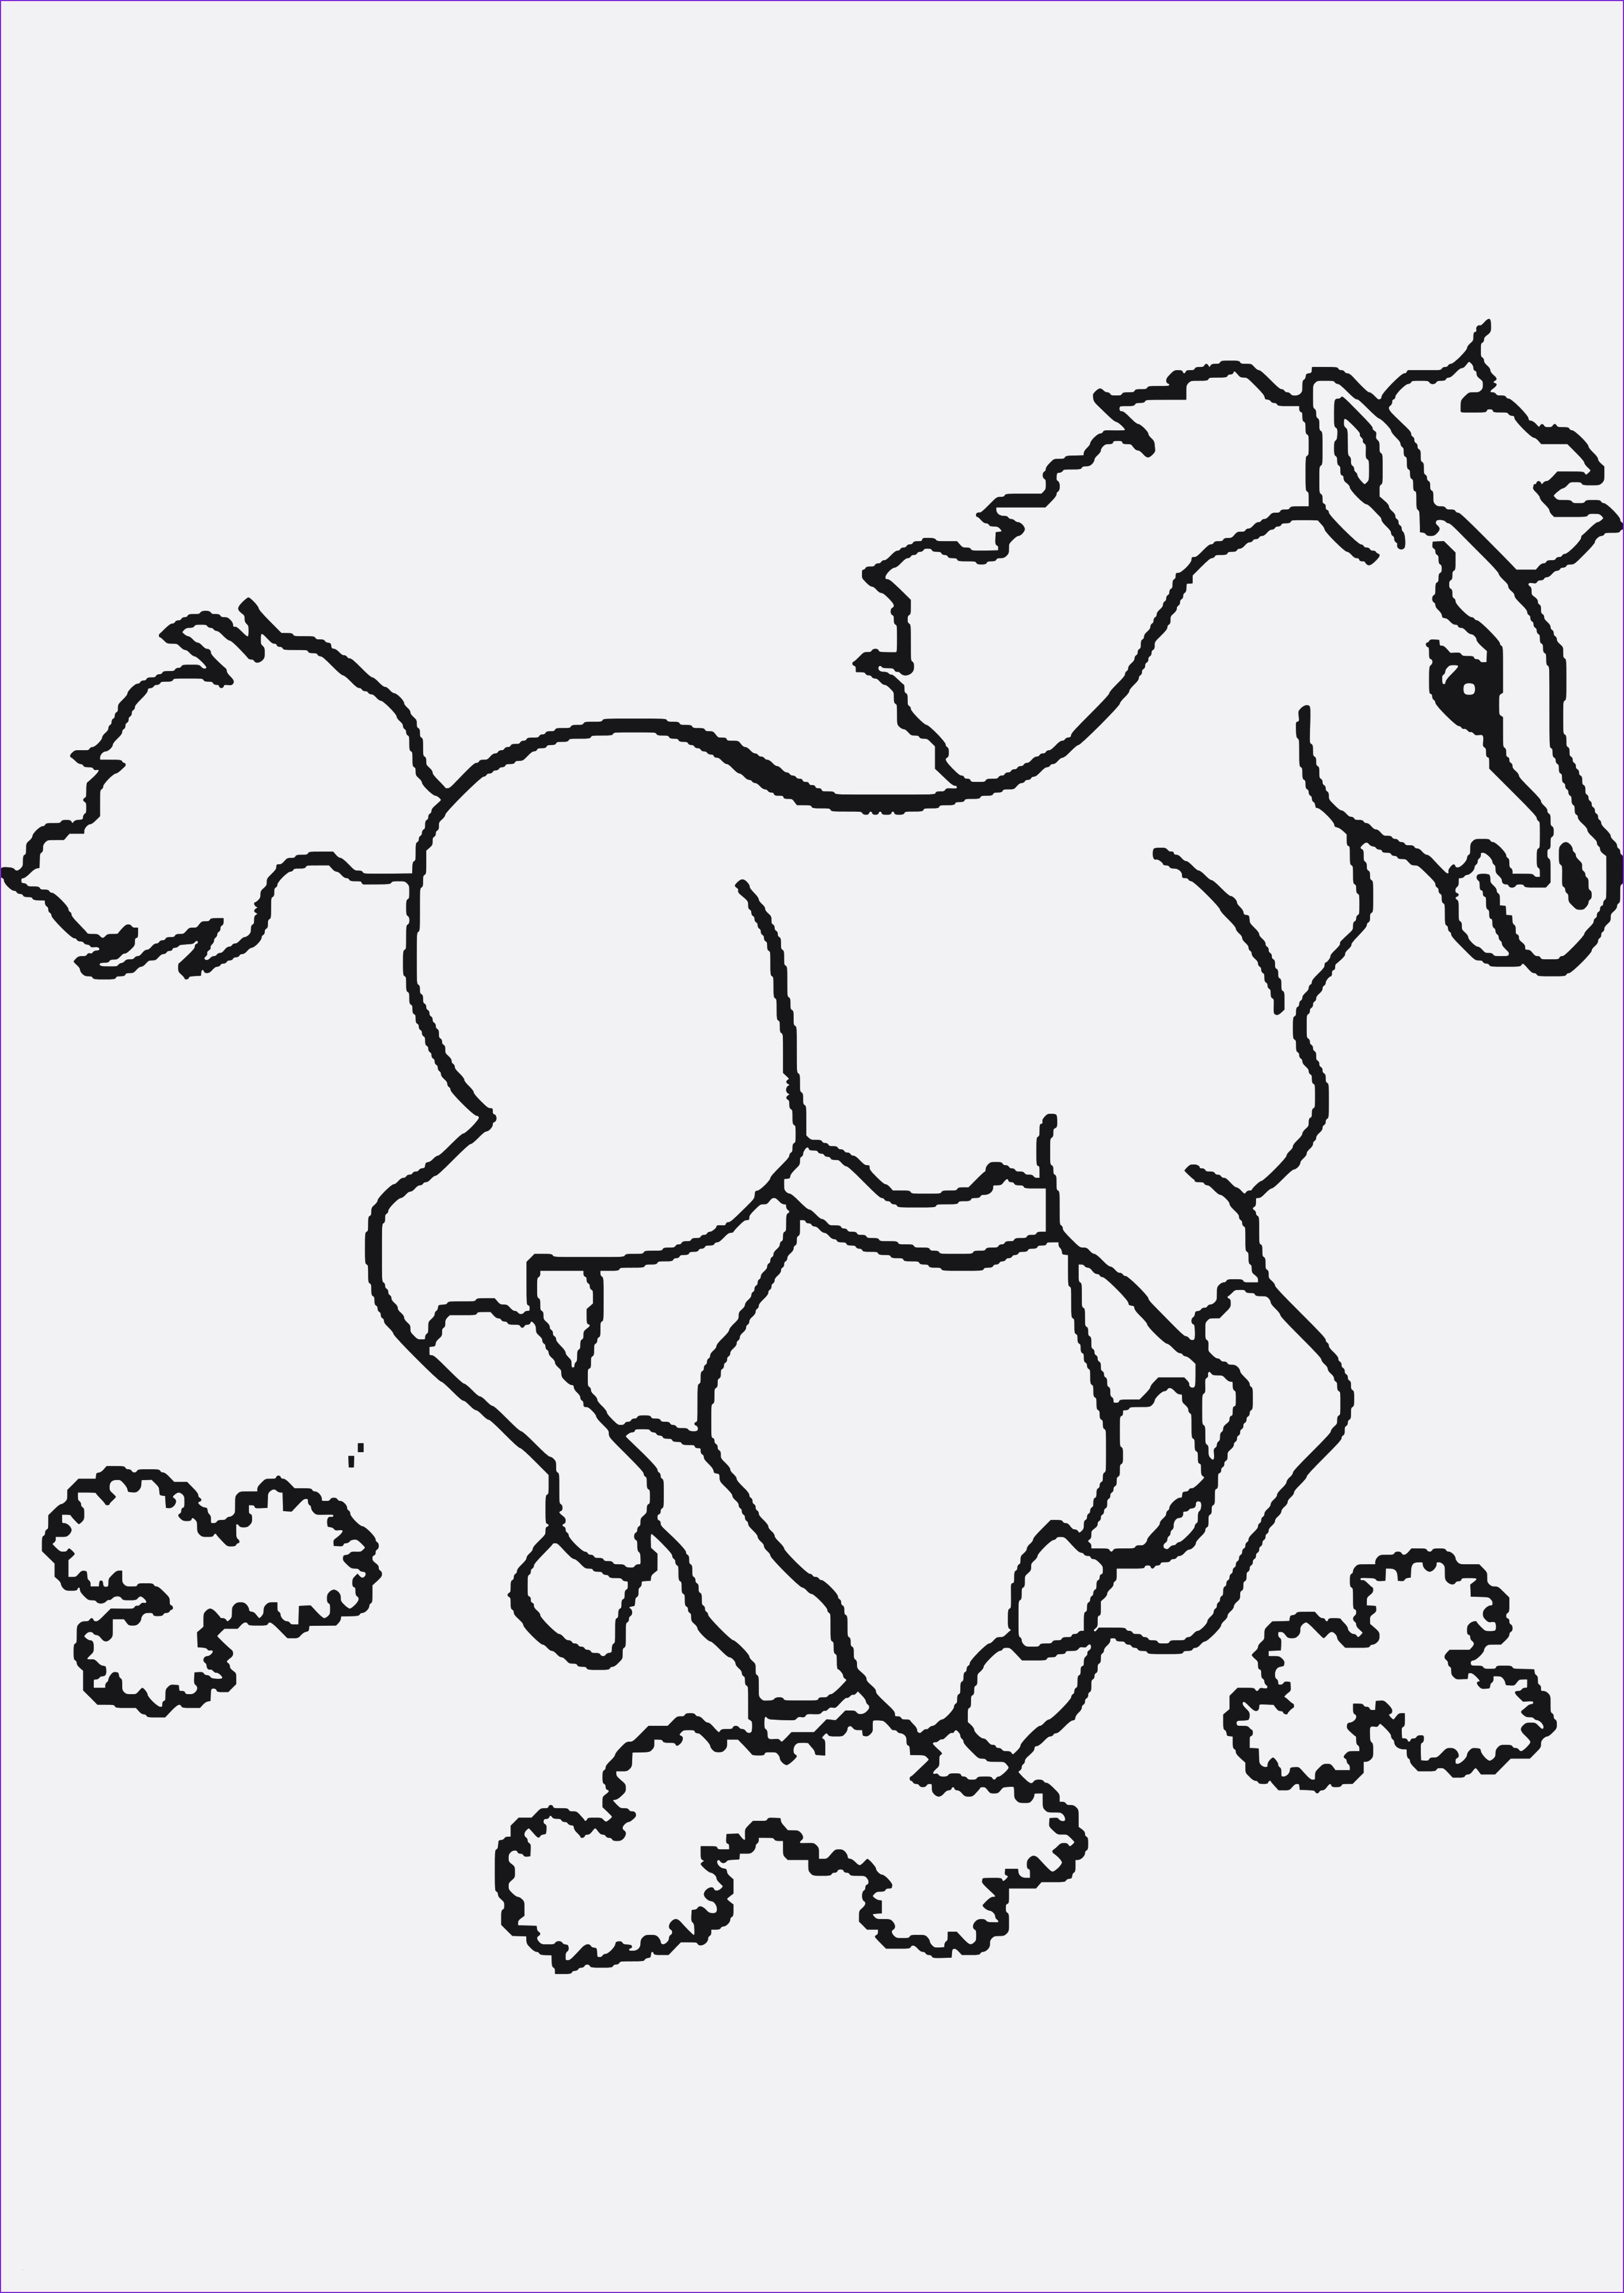 Ausmalbilder Pferde Kostenlos Das Beste Von Mandala Hunde